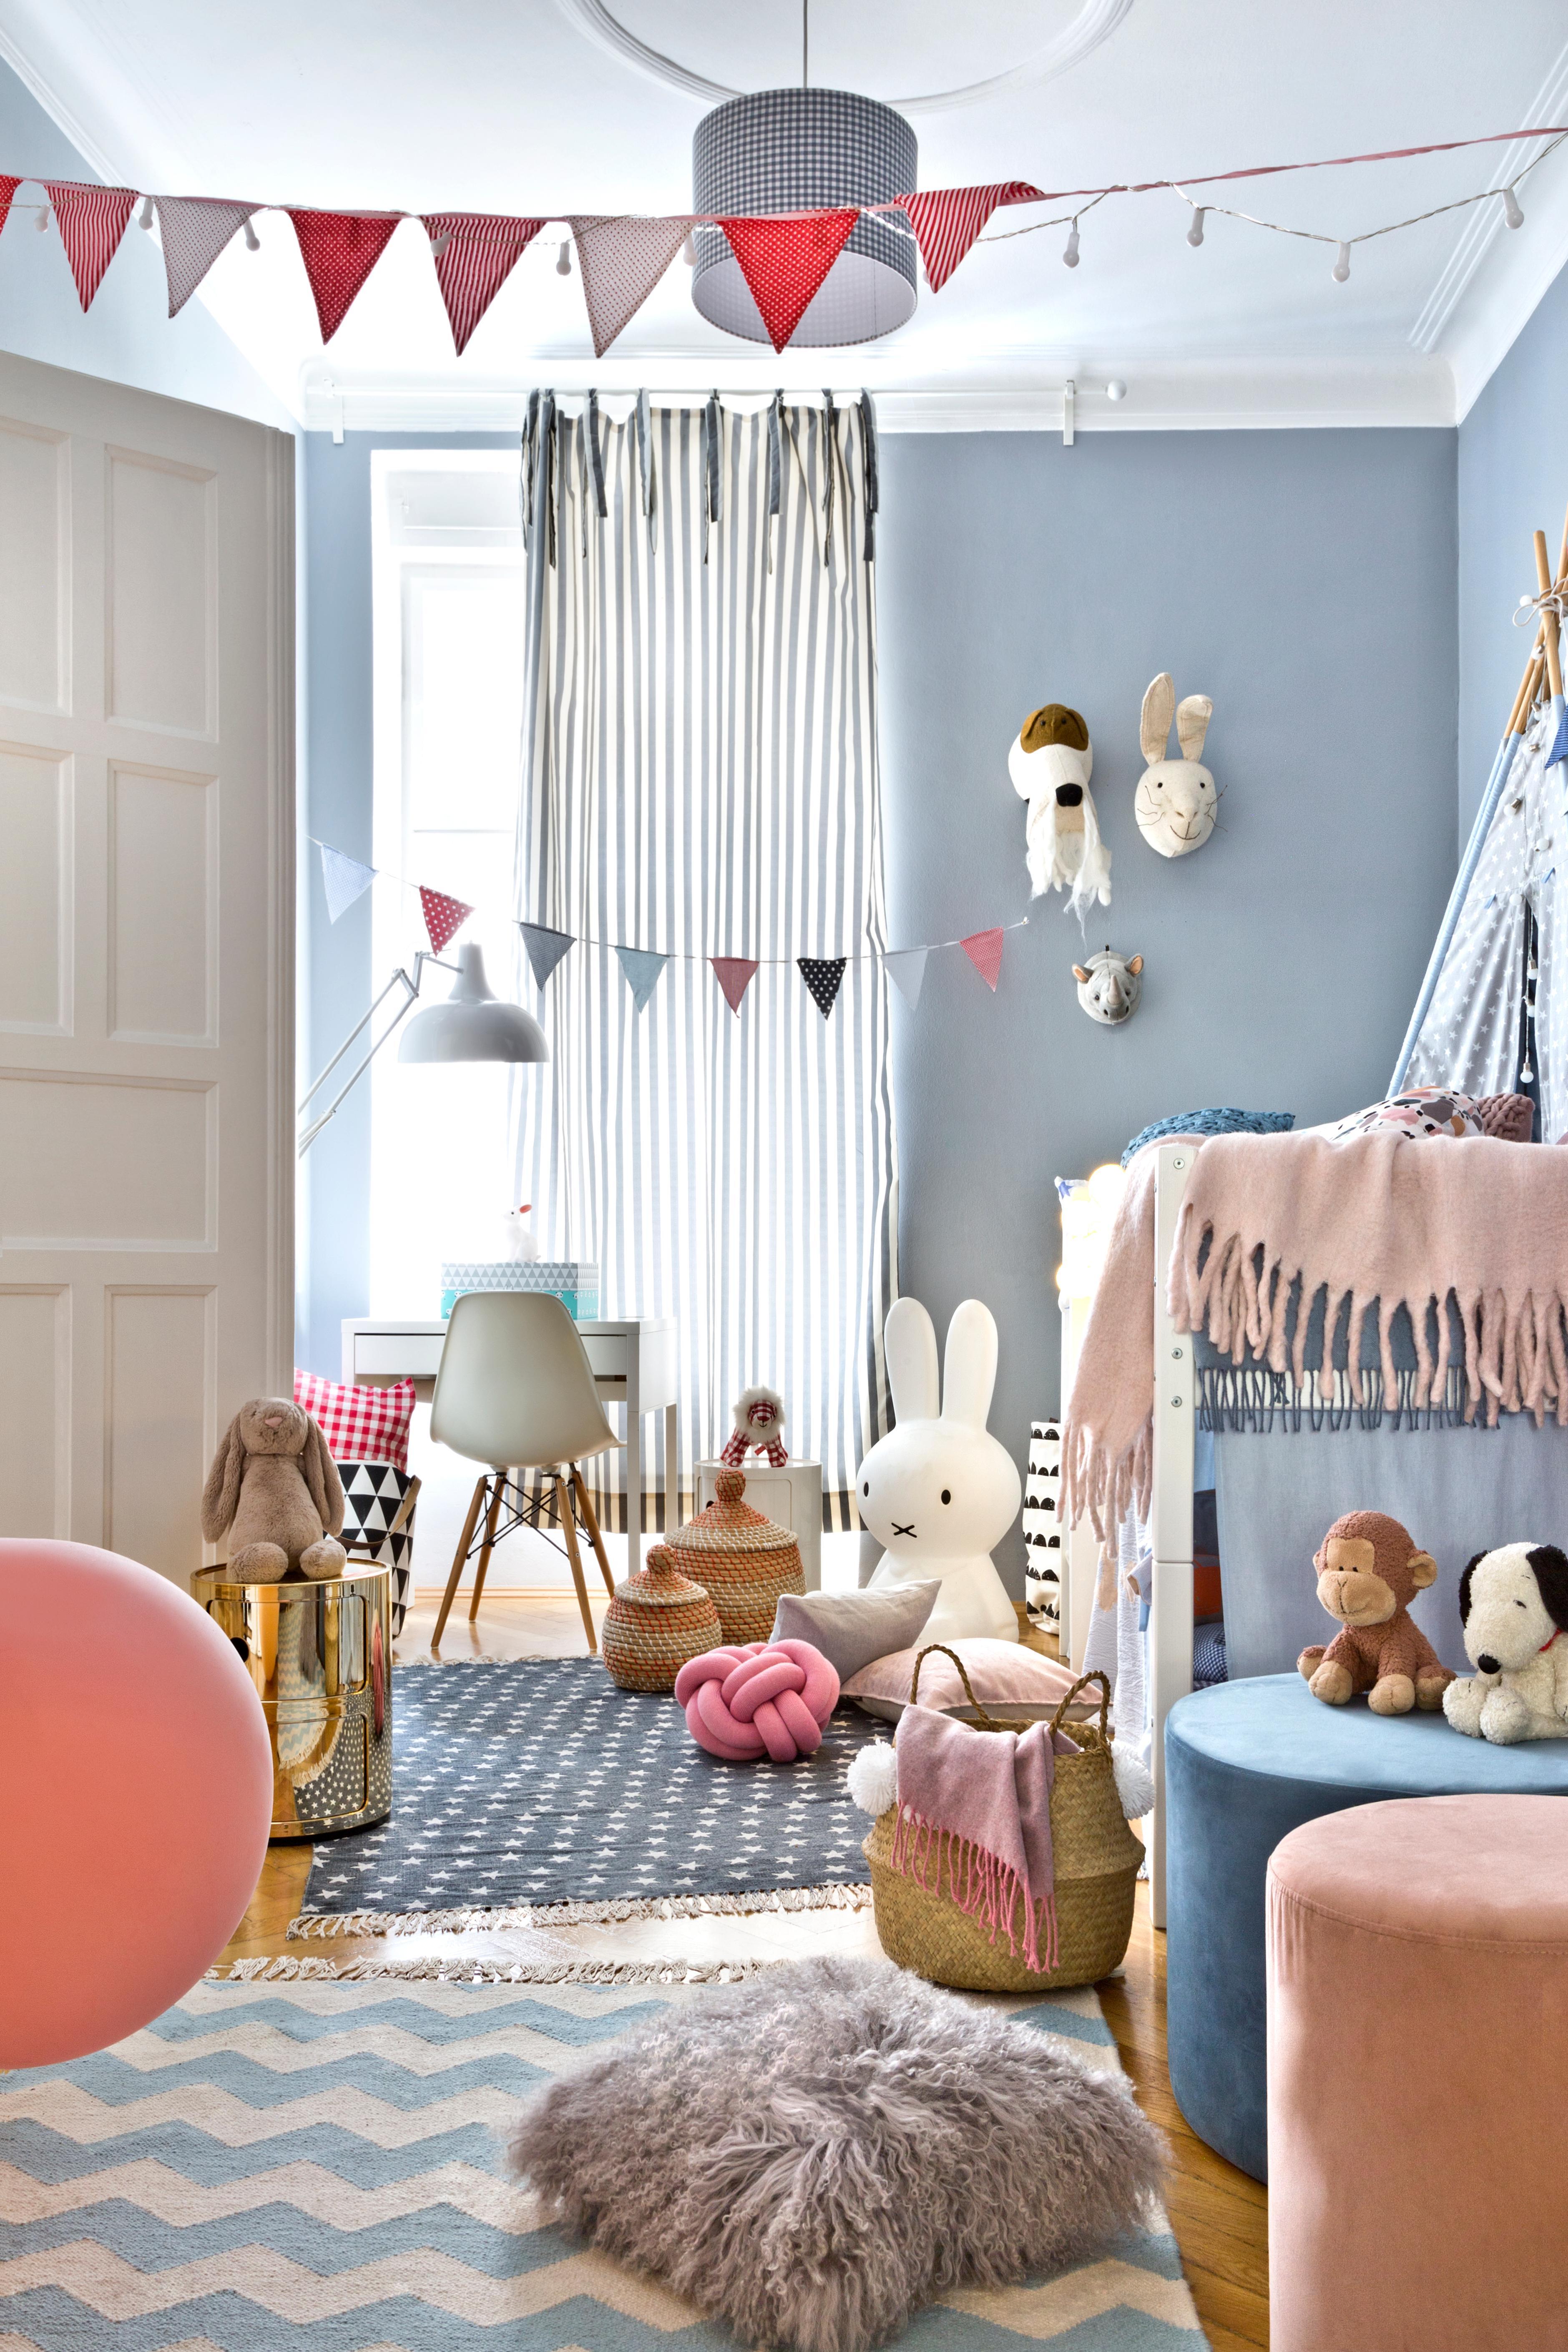 Habitación para niños en tonos pastel con accesorios decorativos de colores